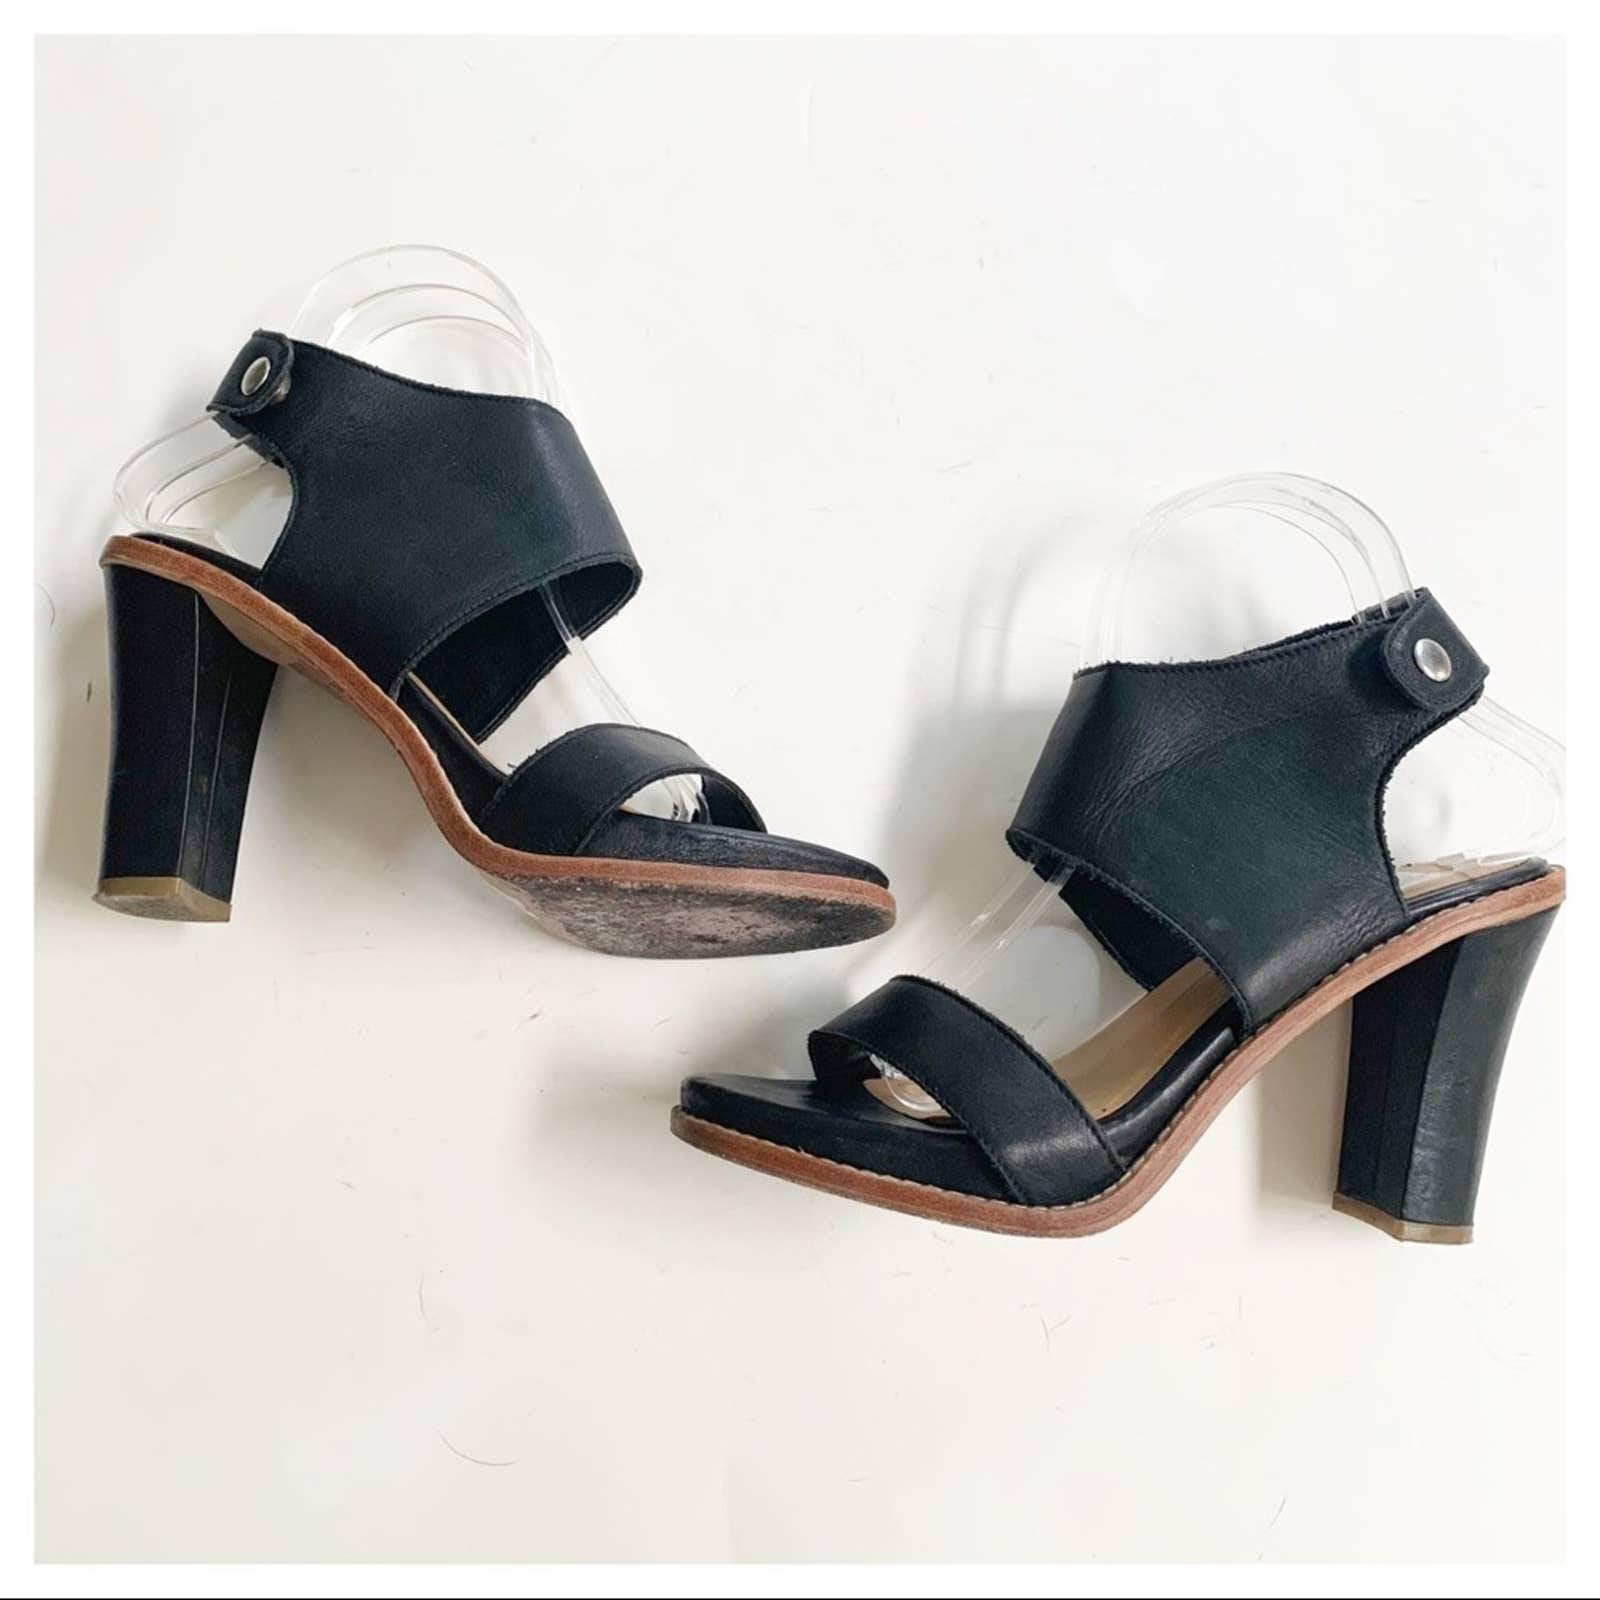 Dolce Vita Black Gwendolyn Sandals 8.5